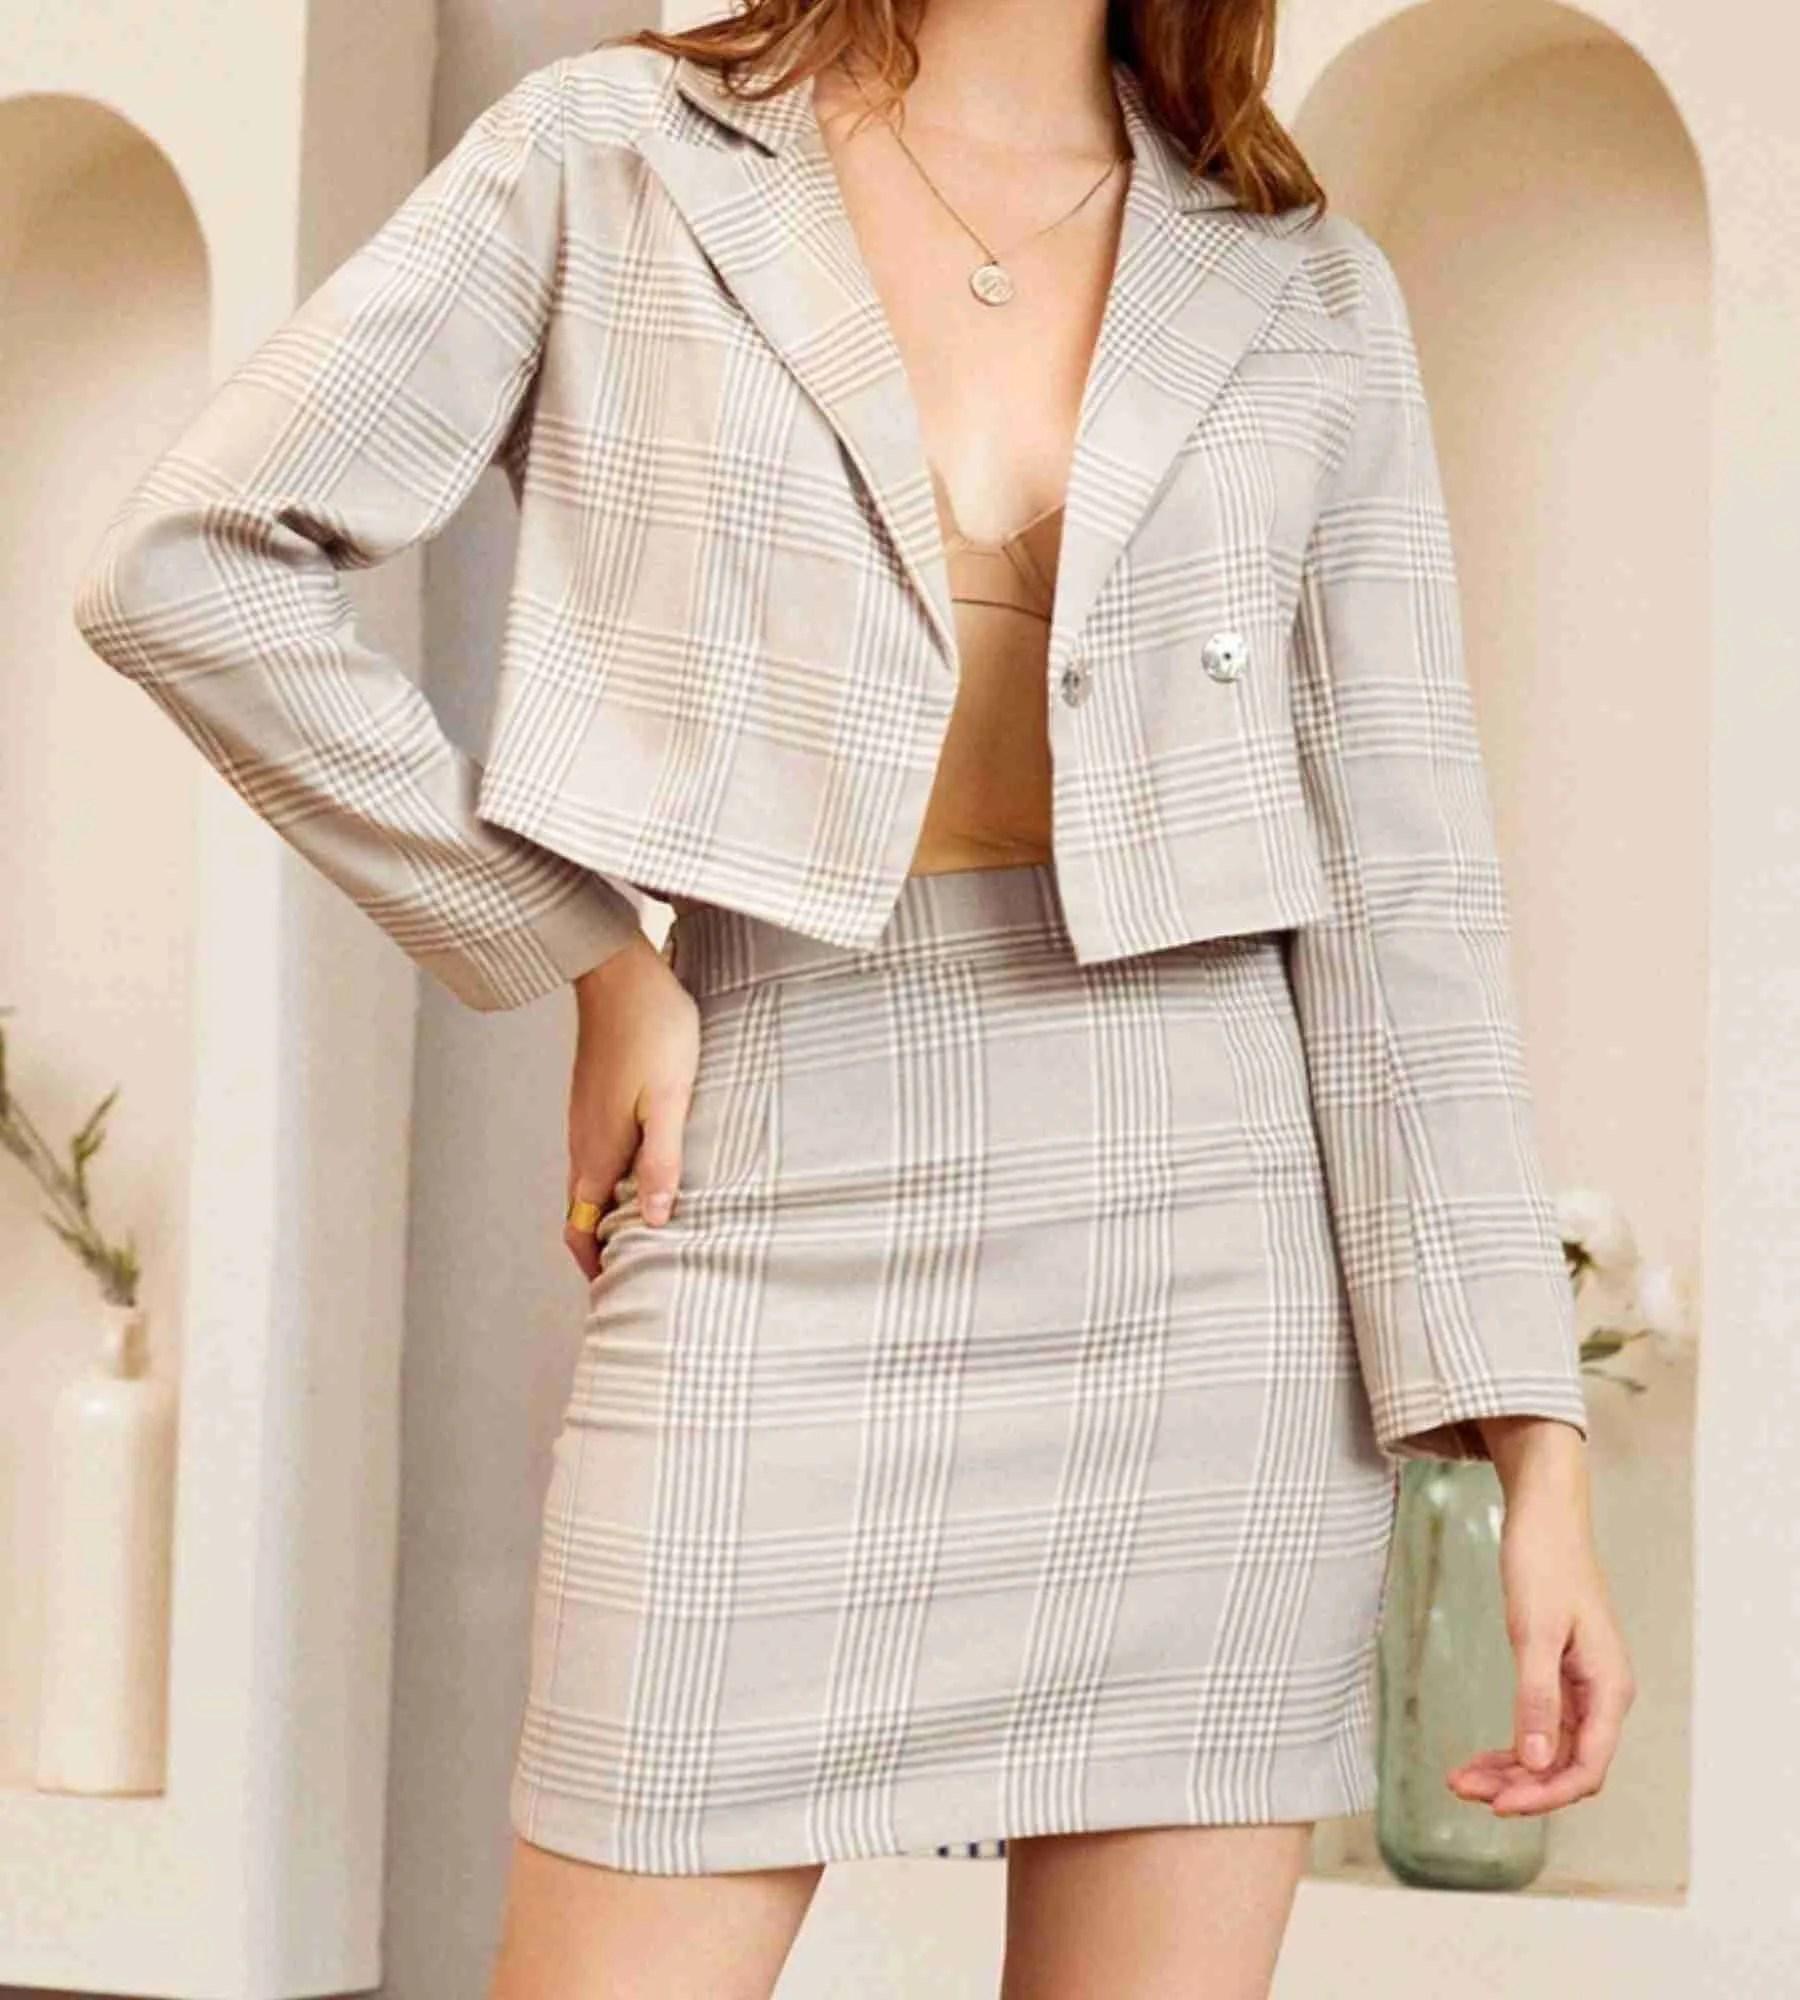 Tailleurs femme : votre pantalon tailleur chic et habillé | CAROLL